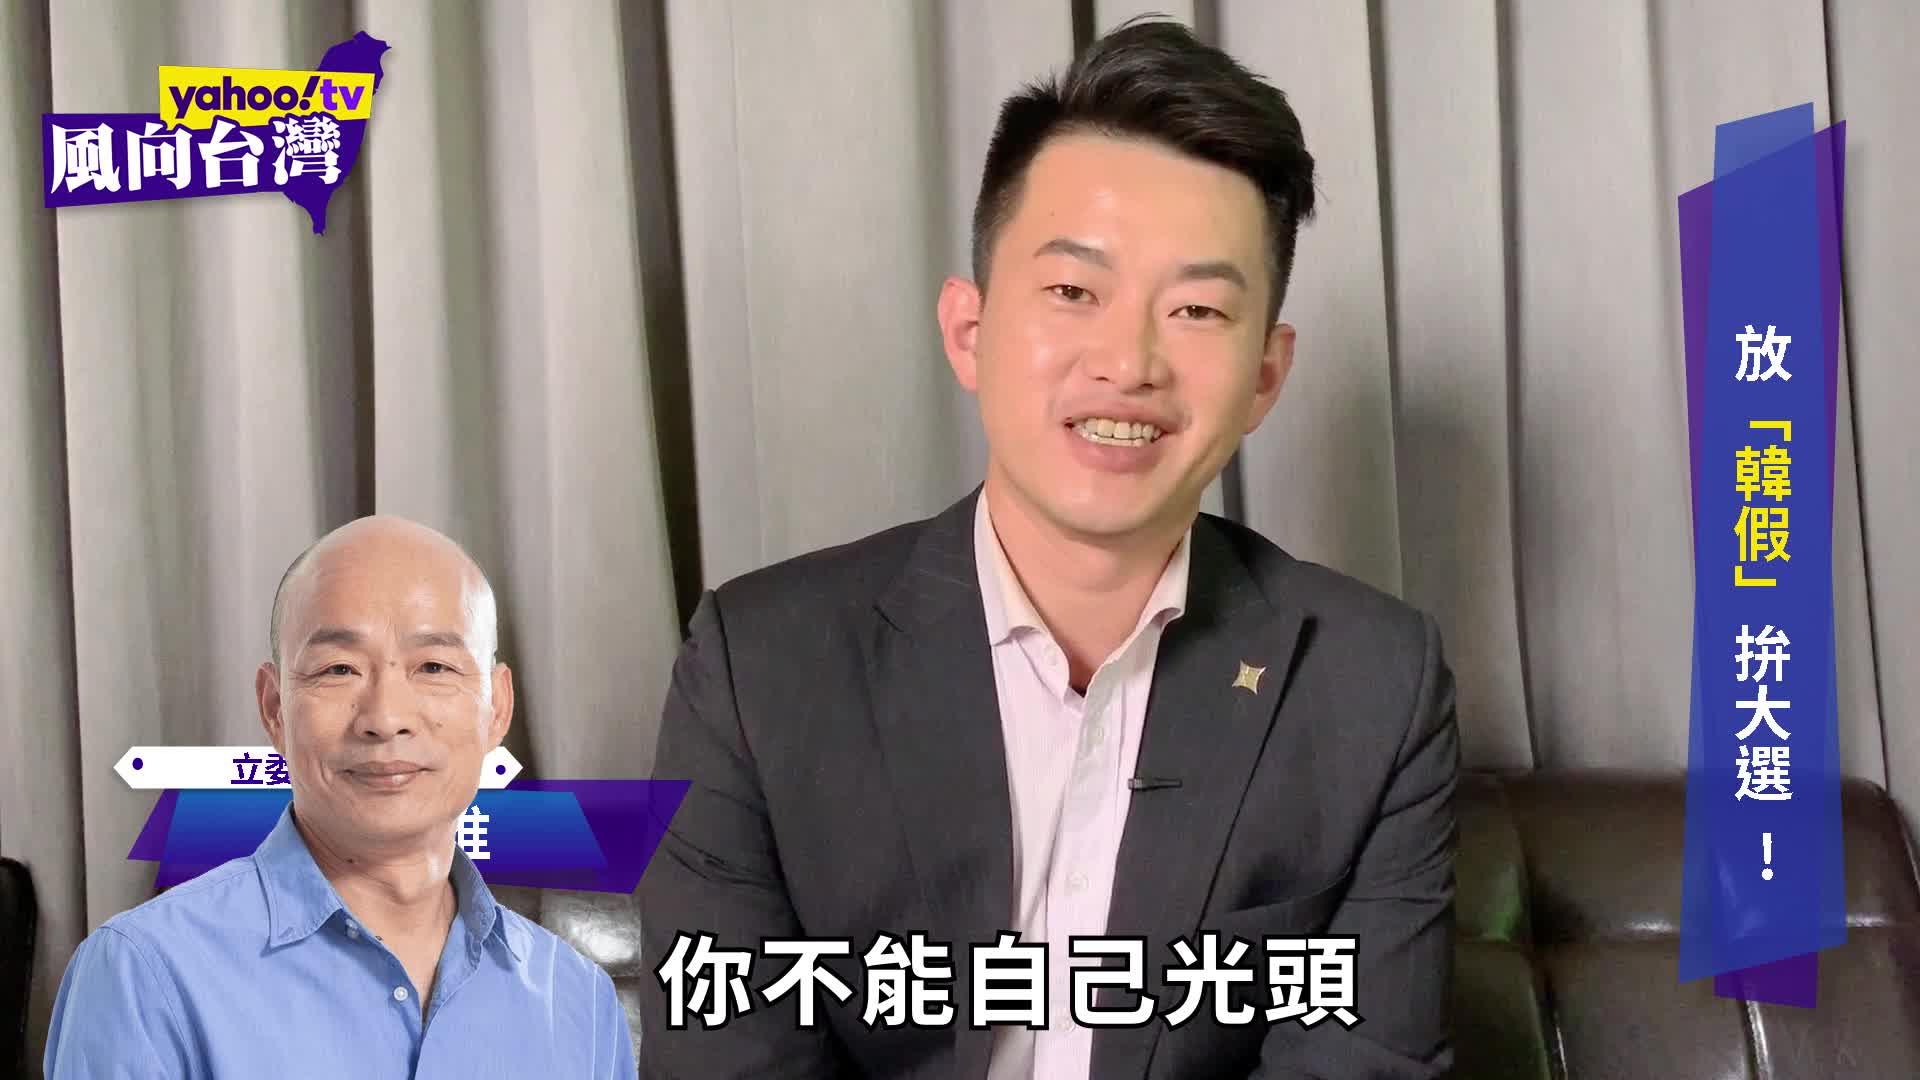 韓國瑜要求蔡總統請假!陳柏惟:國民黨高雄市議員帶職參選是否也該請假?